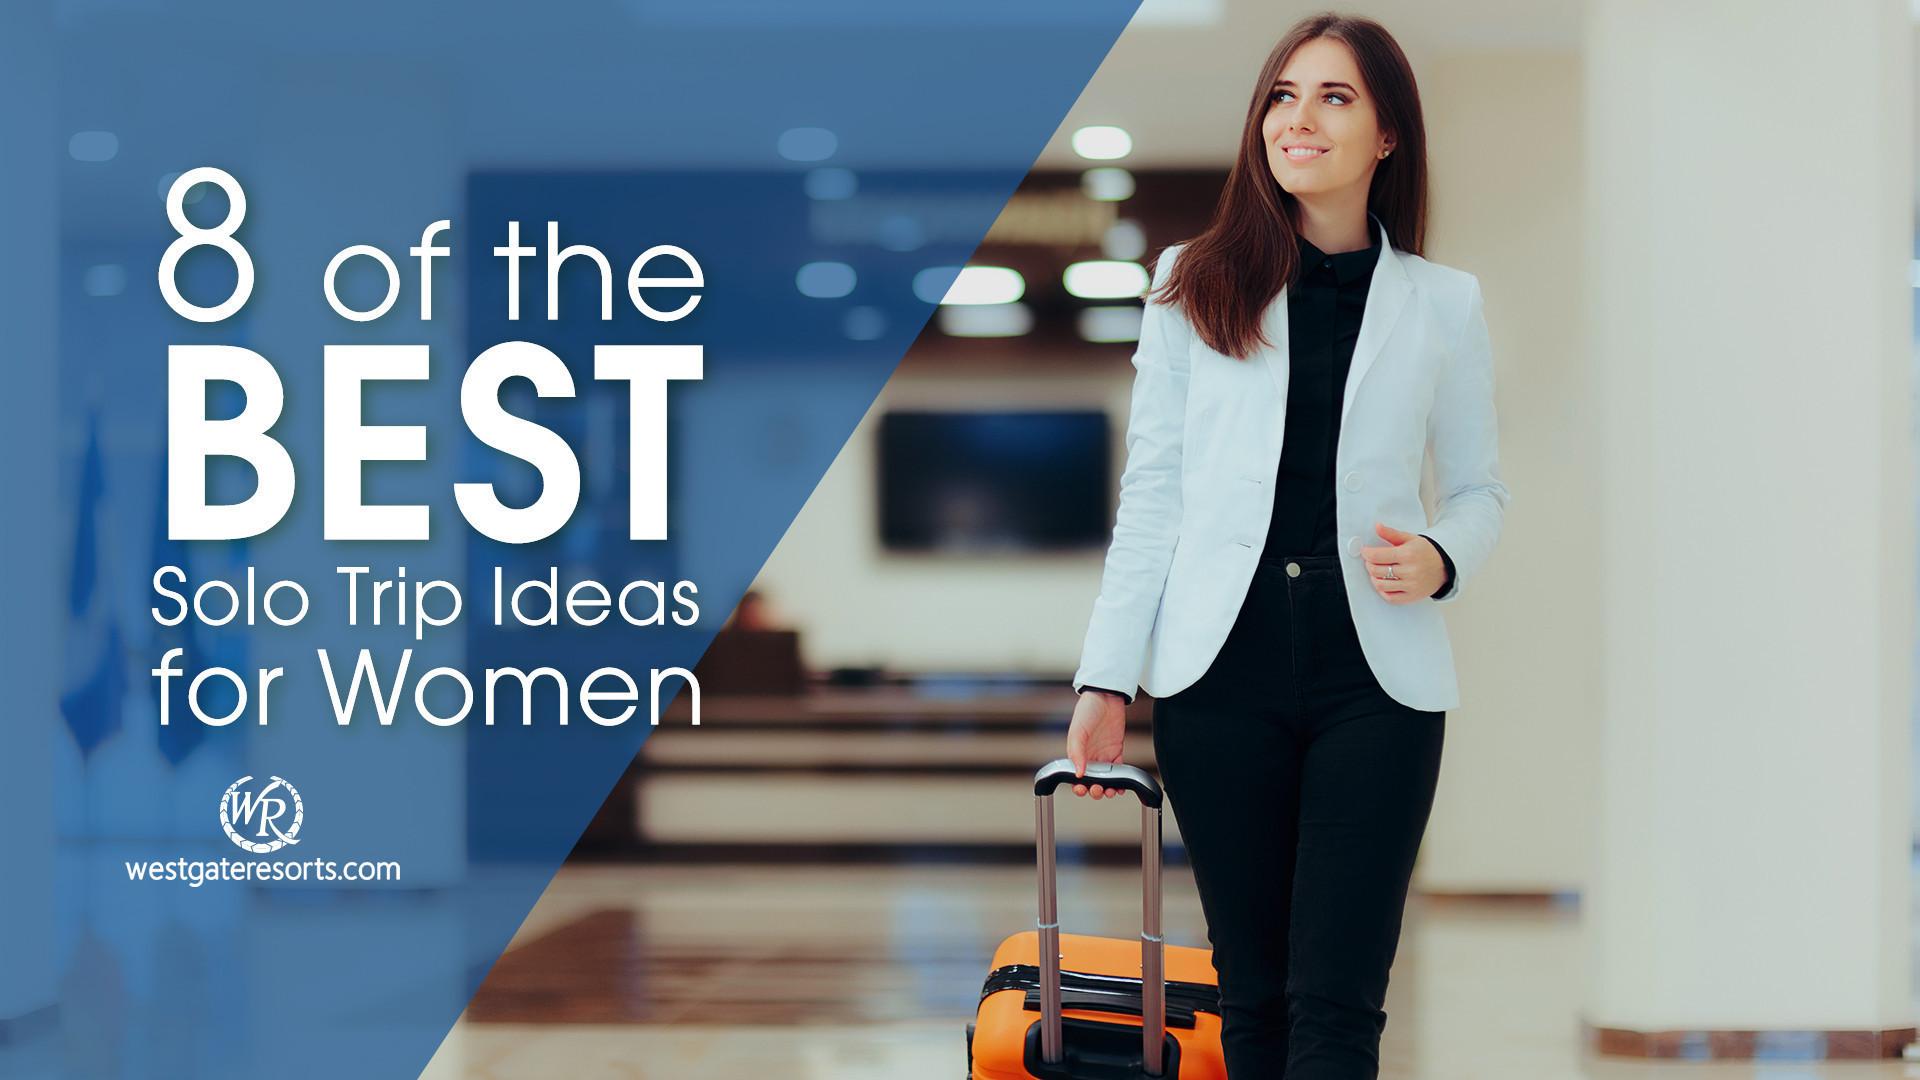 8 Of the Best Solo Trip Ideas for Women   Solo Trip Ideas   Trips for Women